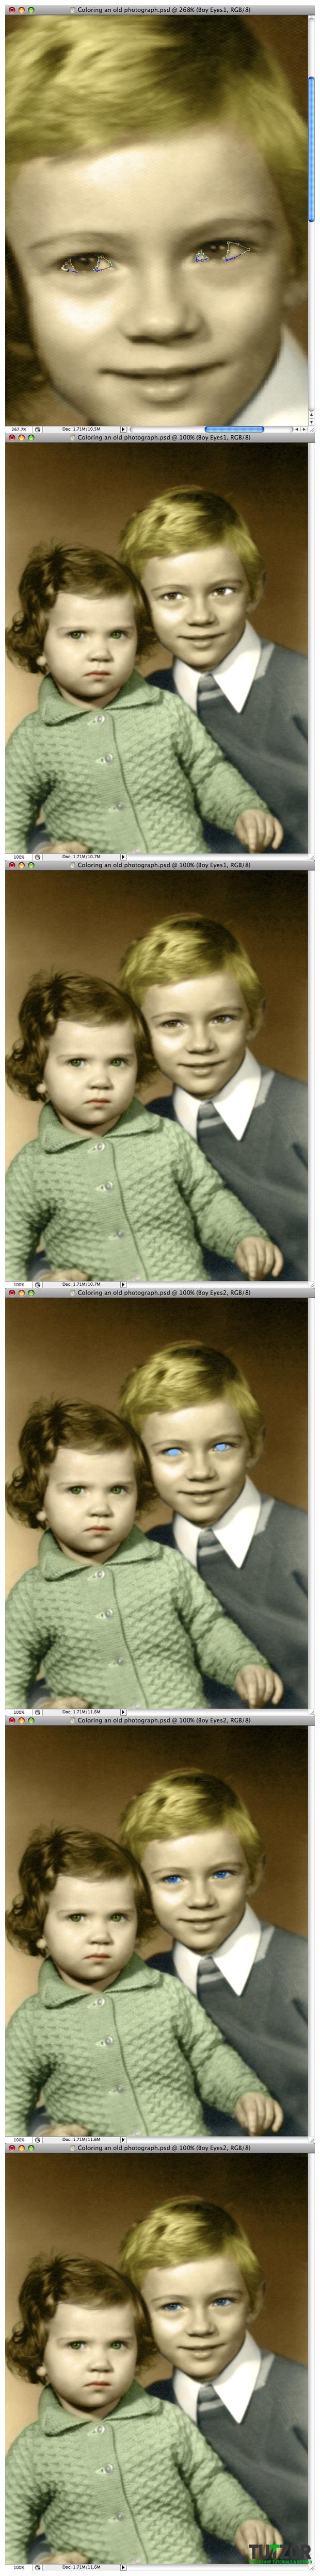 Как сделать черно-белое фото цветным в Фотошопе. Поэтапный